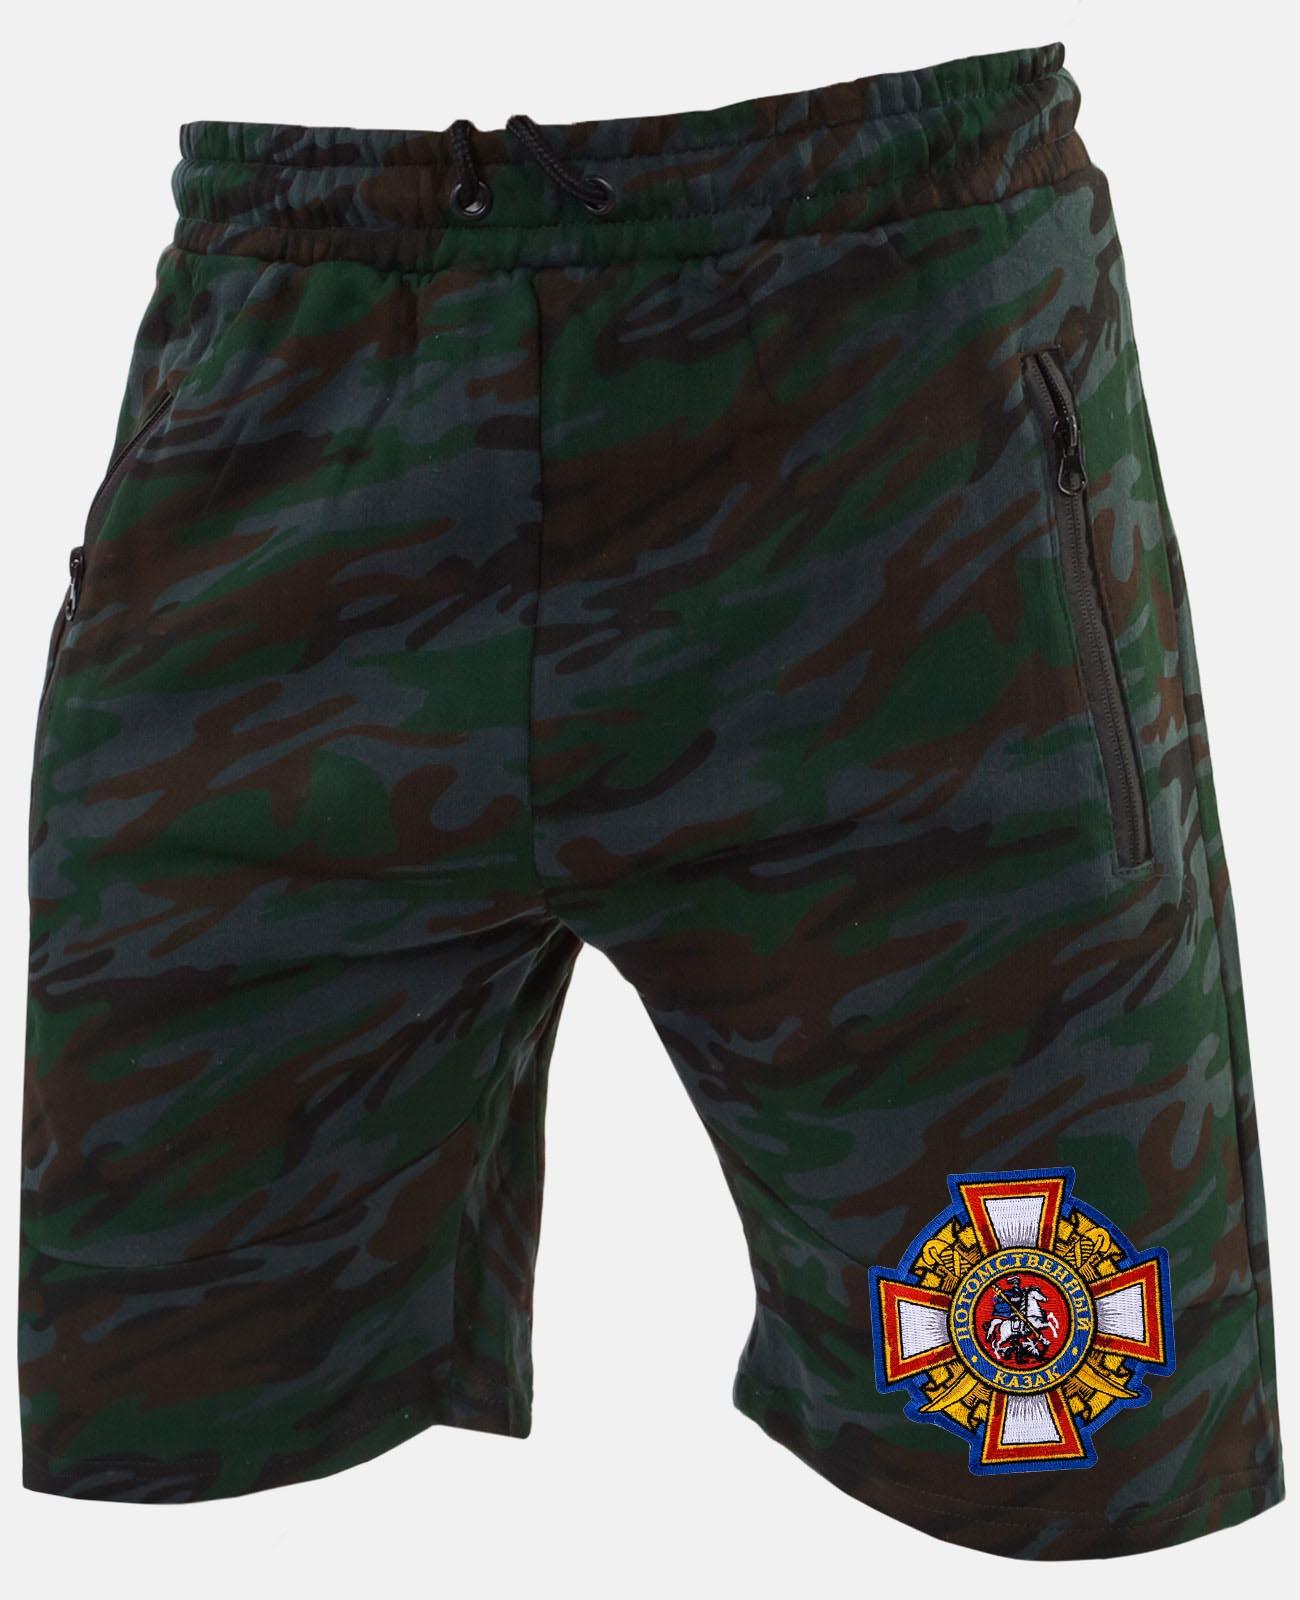 Купить мужские камуфляжные шорты с вышитой нашивкой Потомственный казак